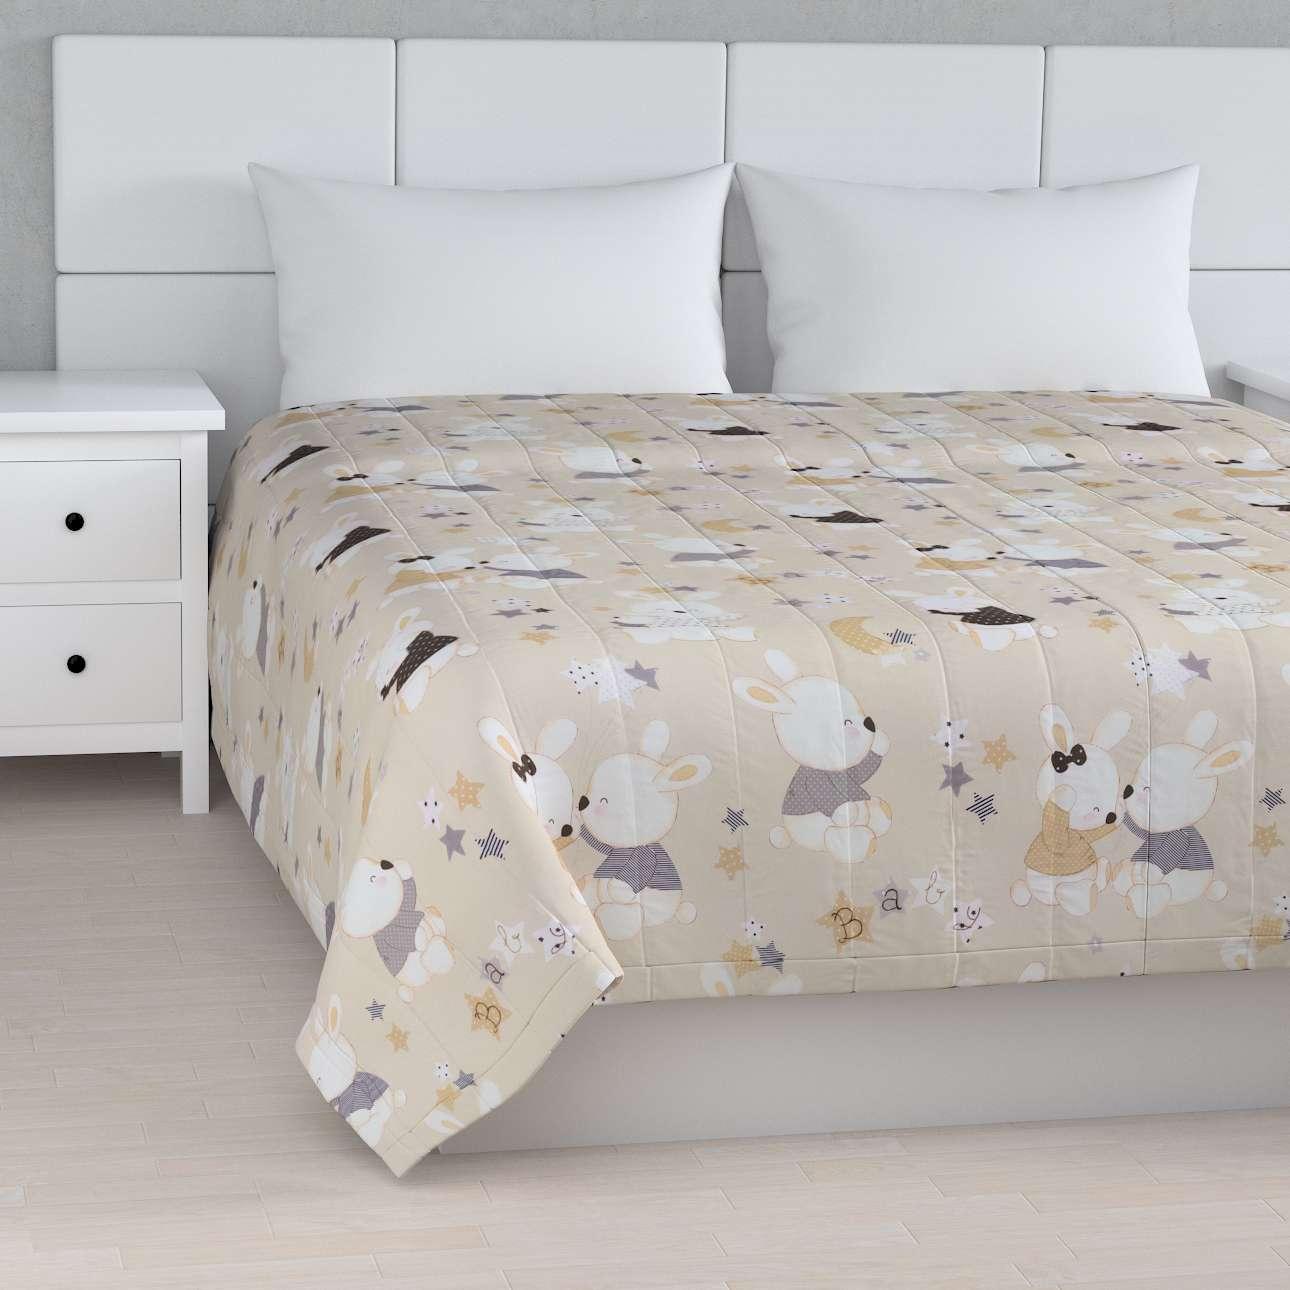 Prehoz na posteľ jednoduchý V kolekcii Adventure, tkanina: 141-85